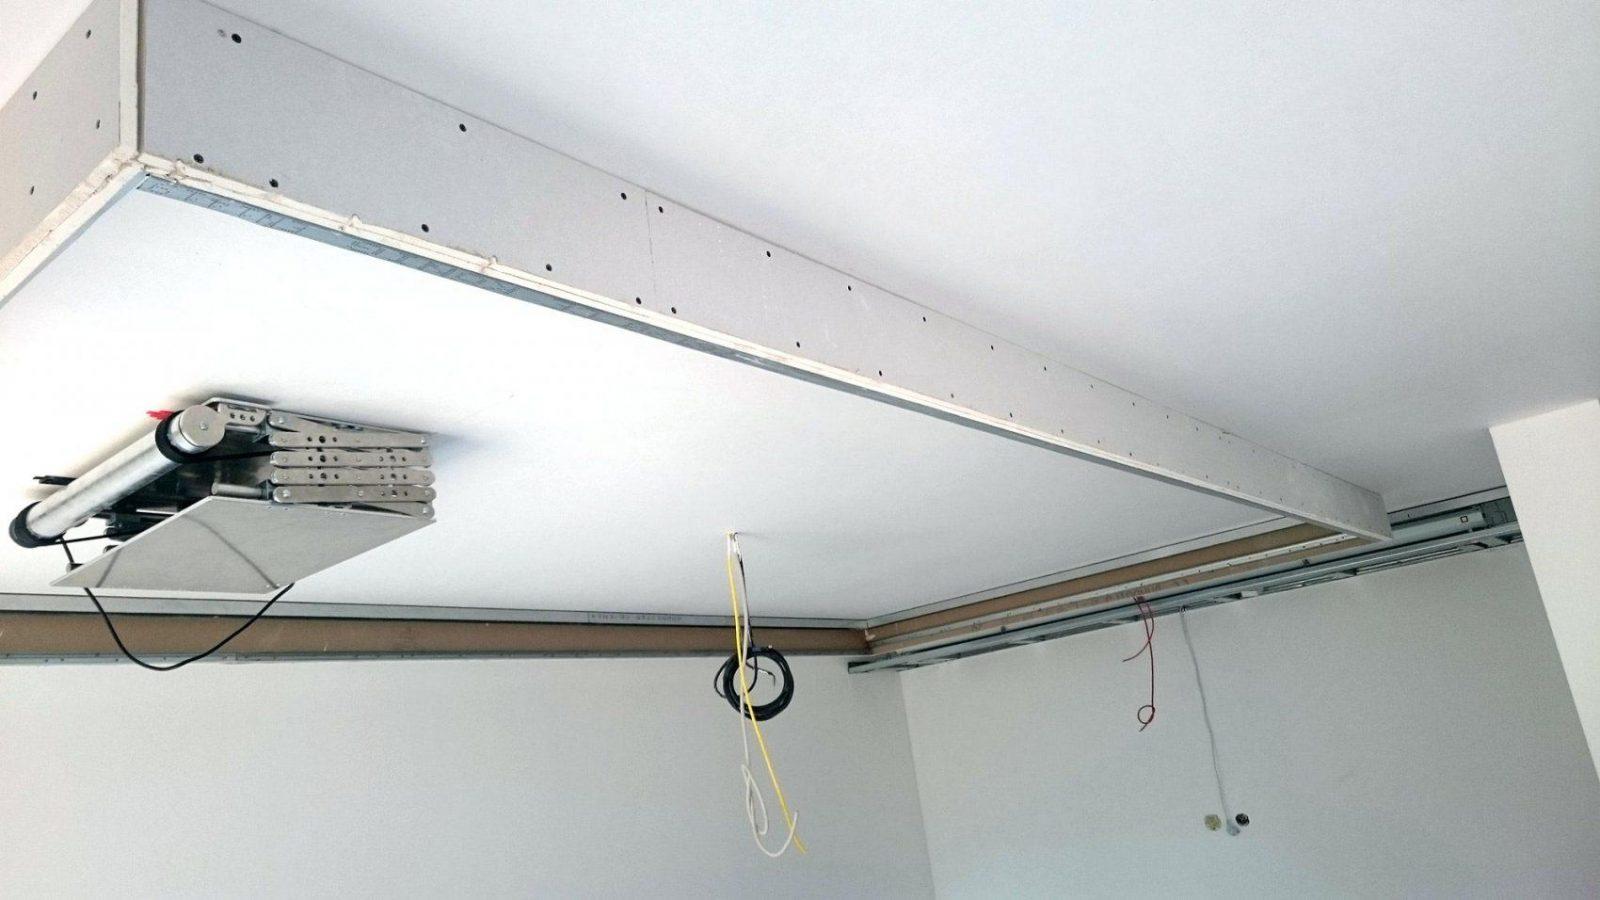 Led Indirekte Deckenbeleuchtung Selber Bauen Ehrfurchtig Auf von Indirekte Deckenbeleuchtung Selber Bauen Photo